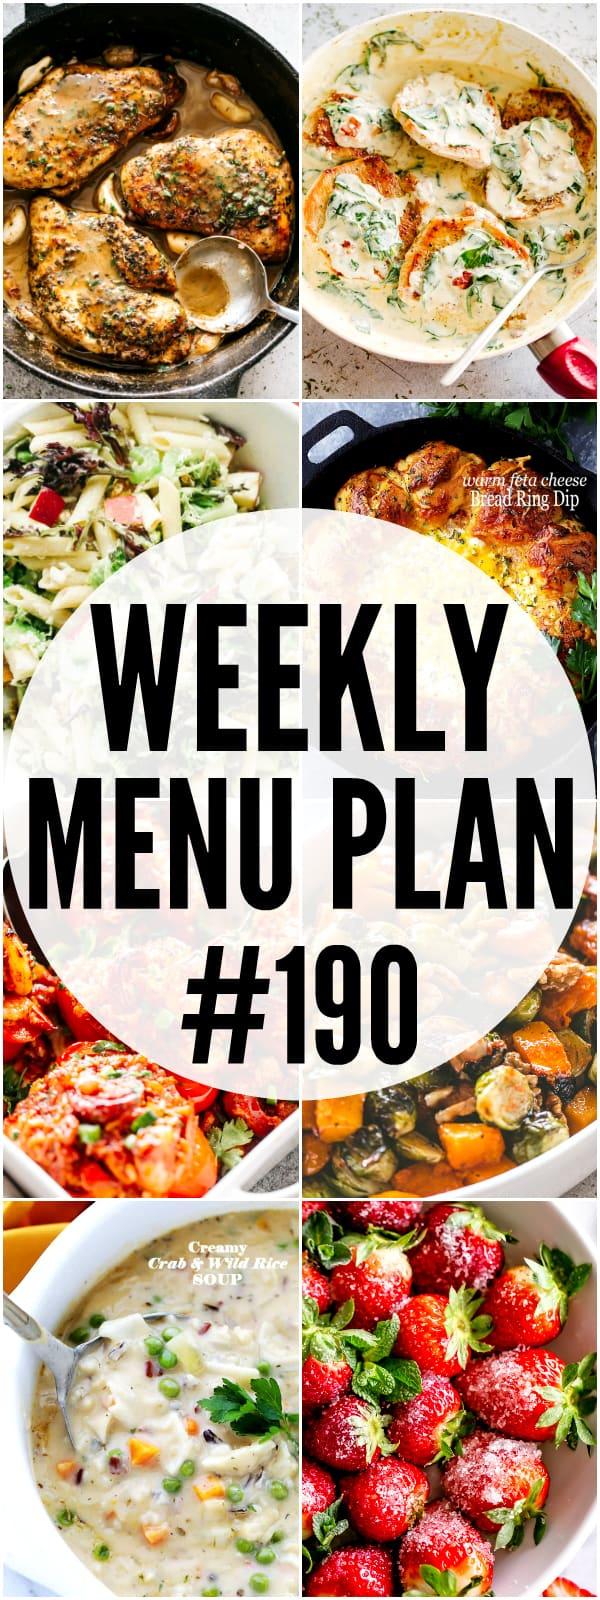 WEEKLY MENU PLAN 190